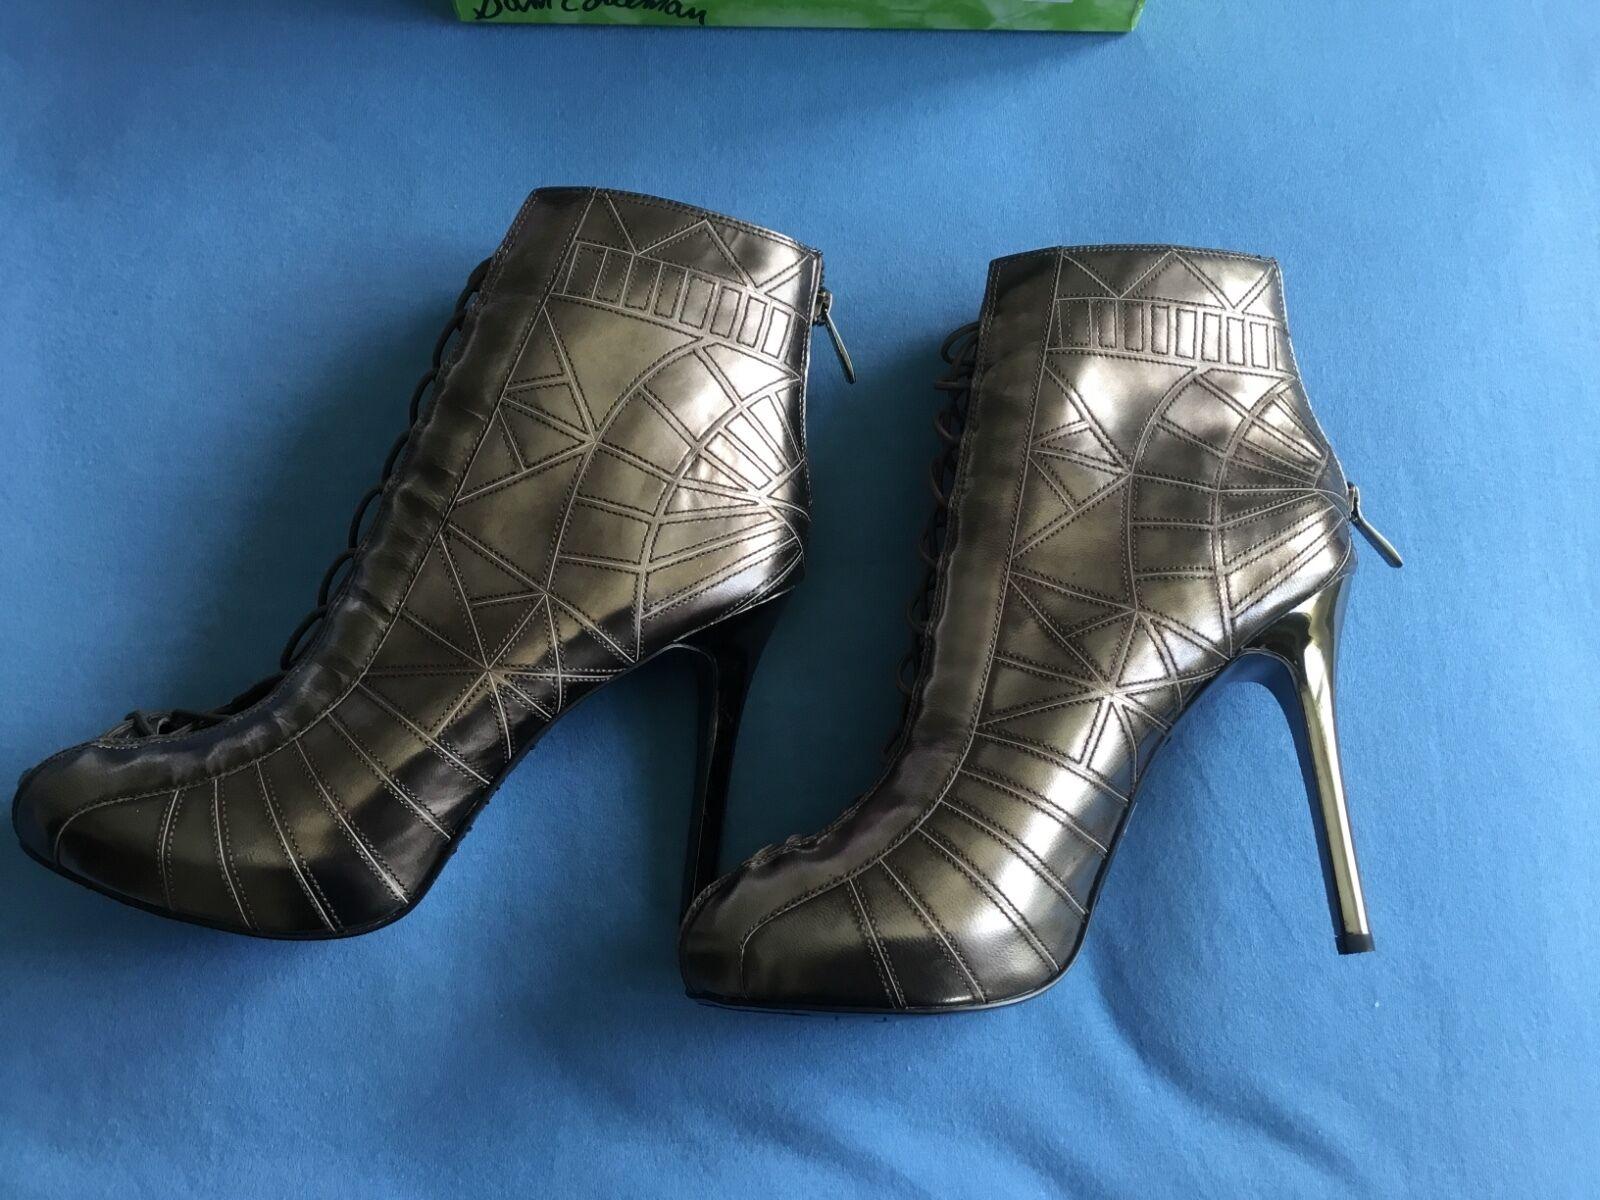 disponibile Sam Edelman Queenie Metallic Scarpe Scarpe Scarpe TAGLIA US 81 5  outlet